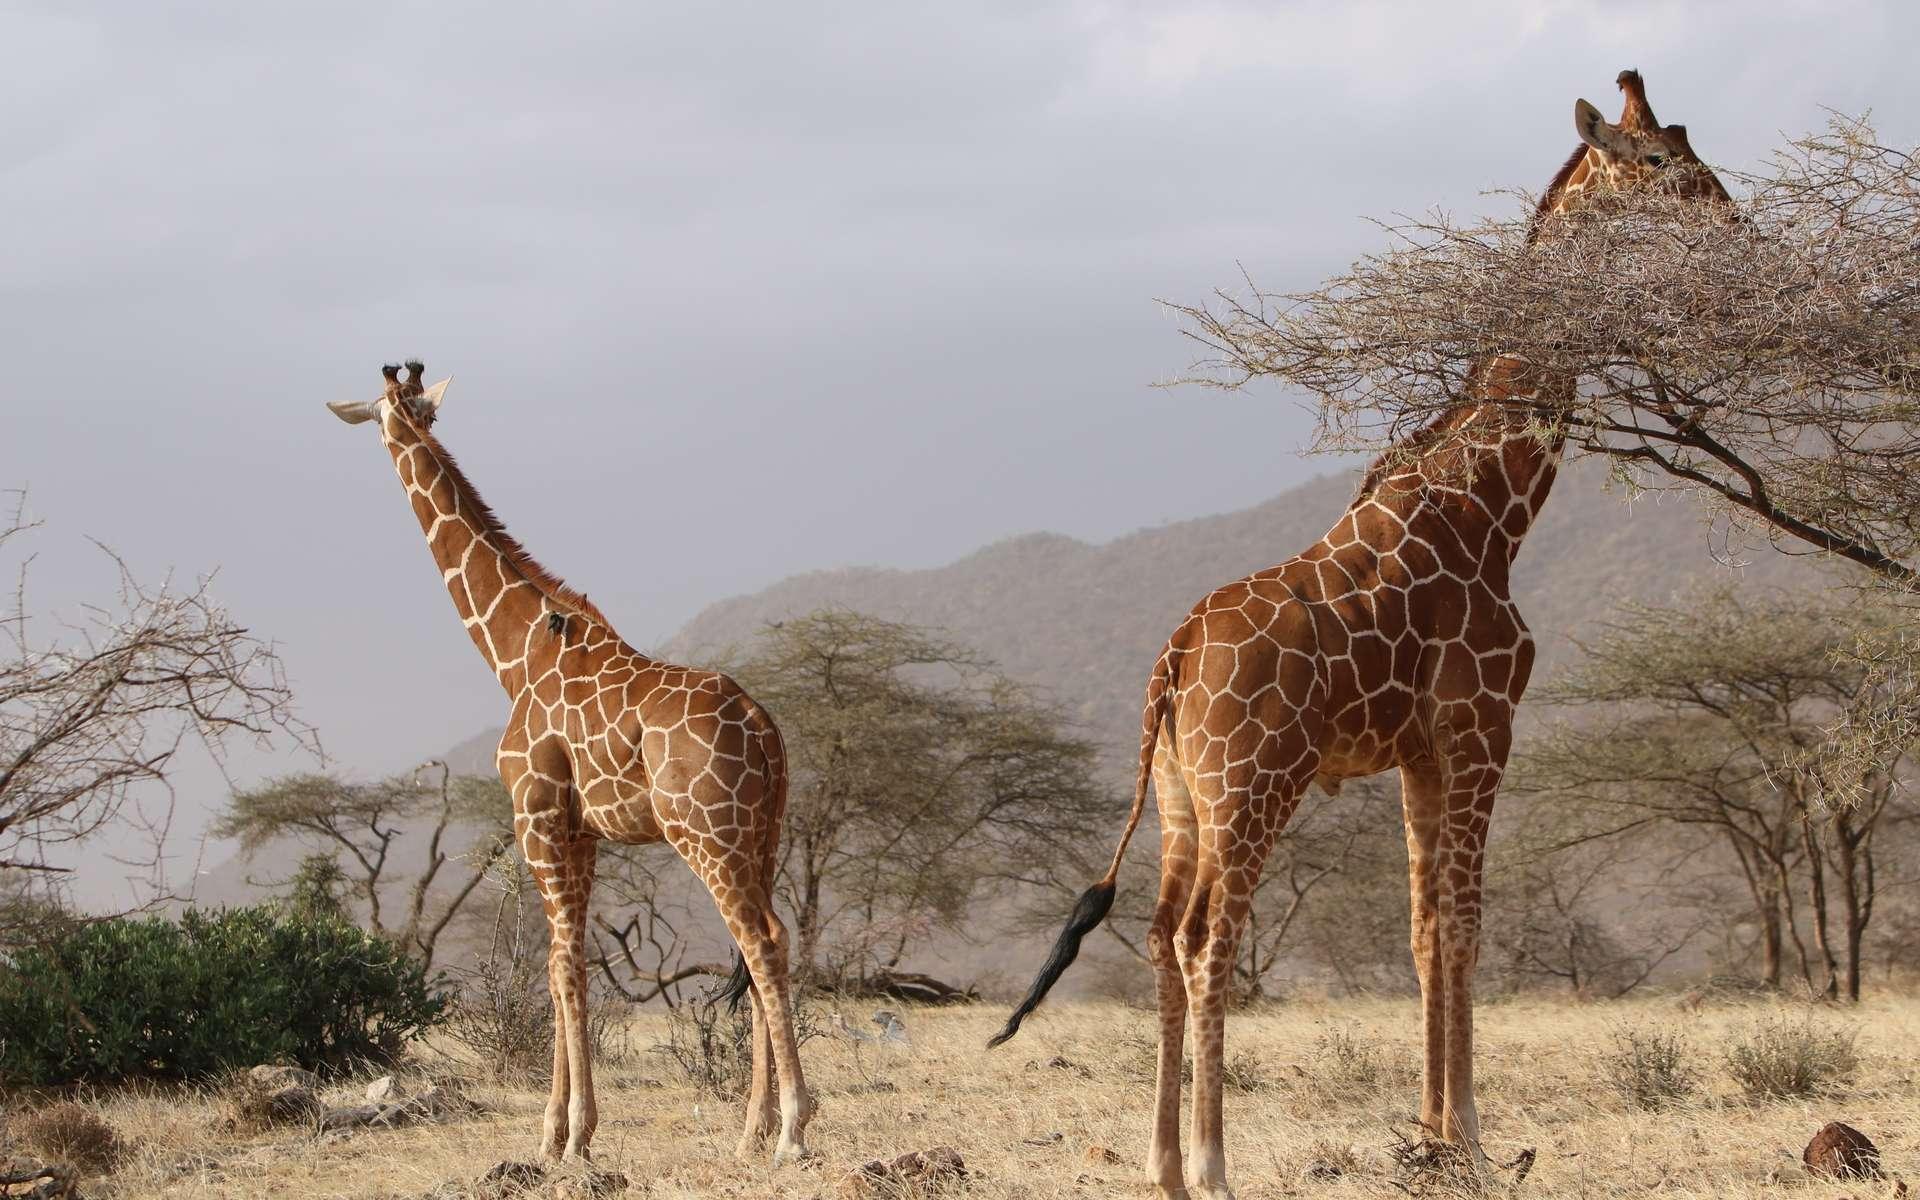 La savane et les girafes en Afrique. © Pxhere, domaine public